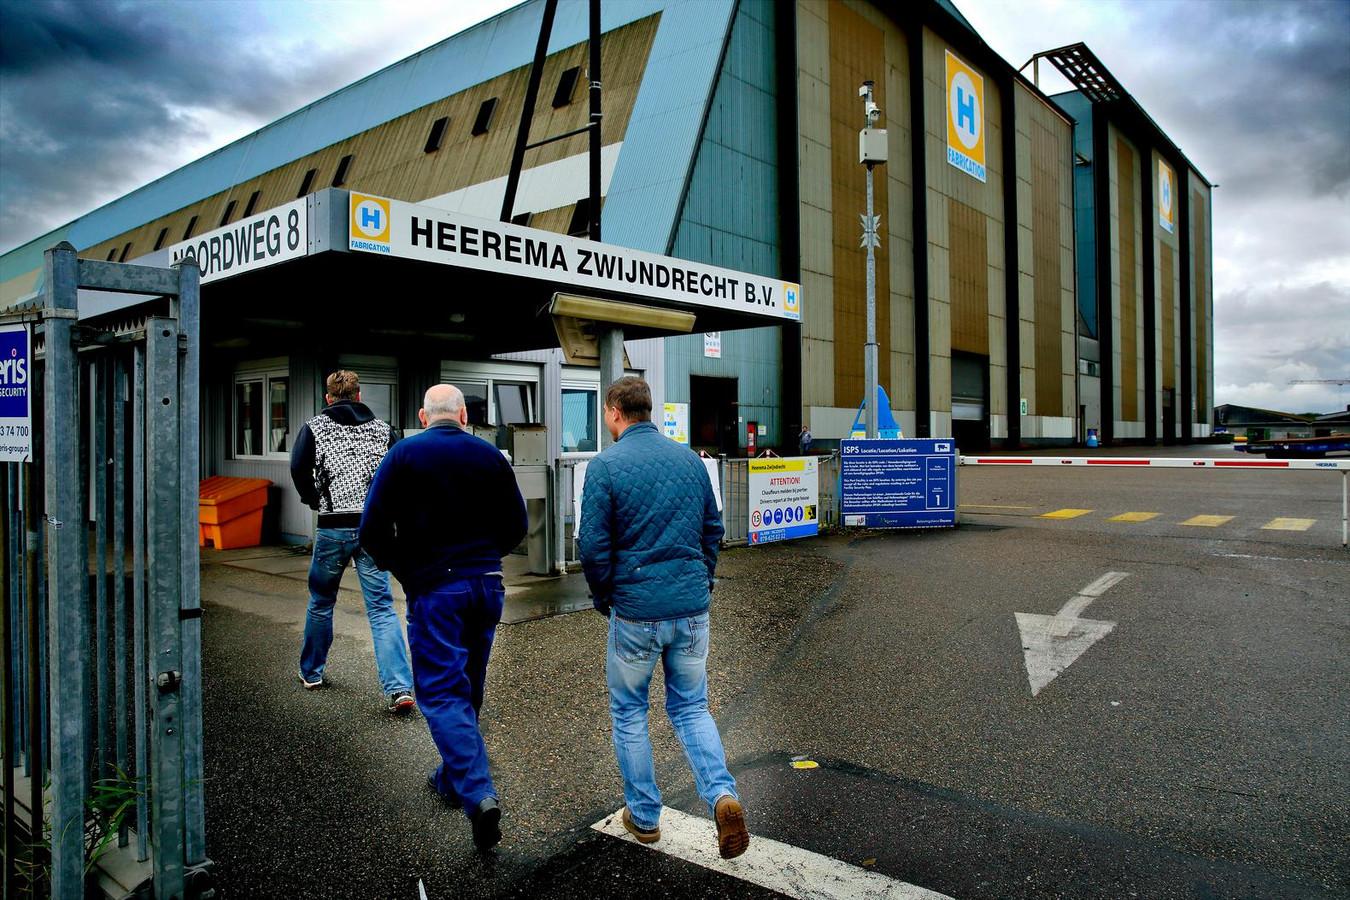 De sfeer is bedrukte bij Heerema in Zwijndrecht.